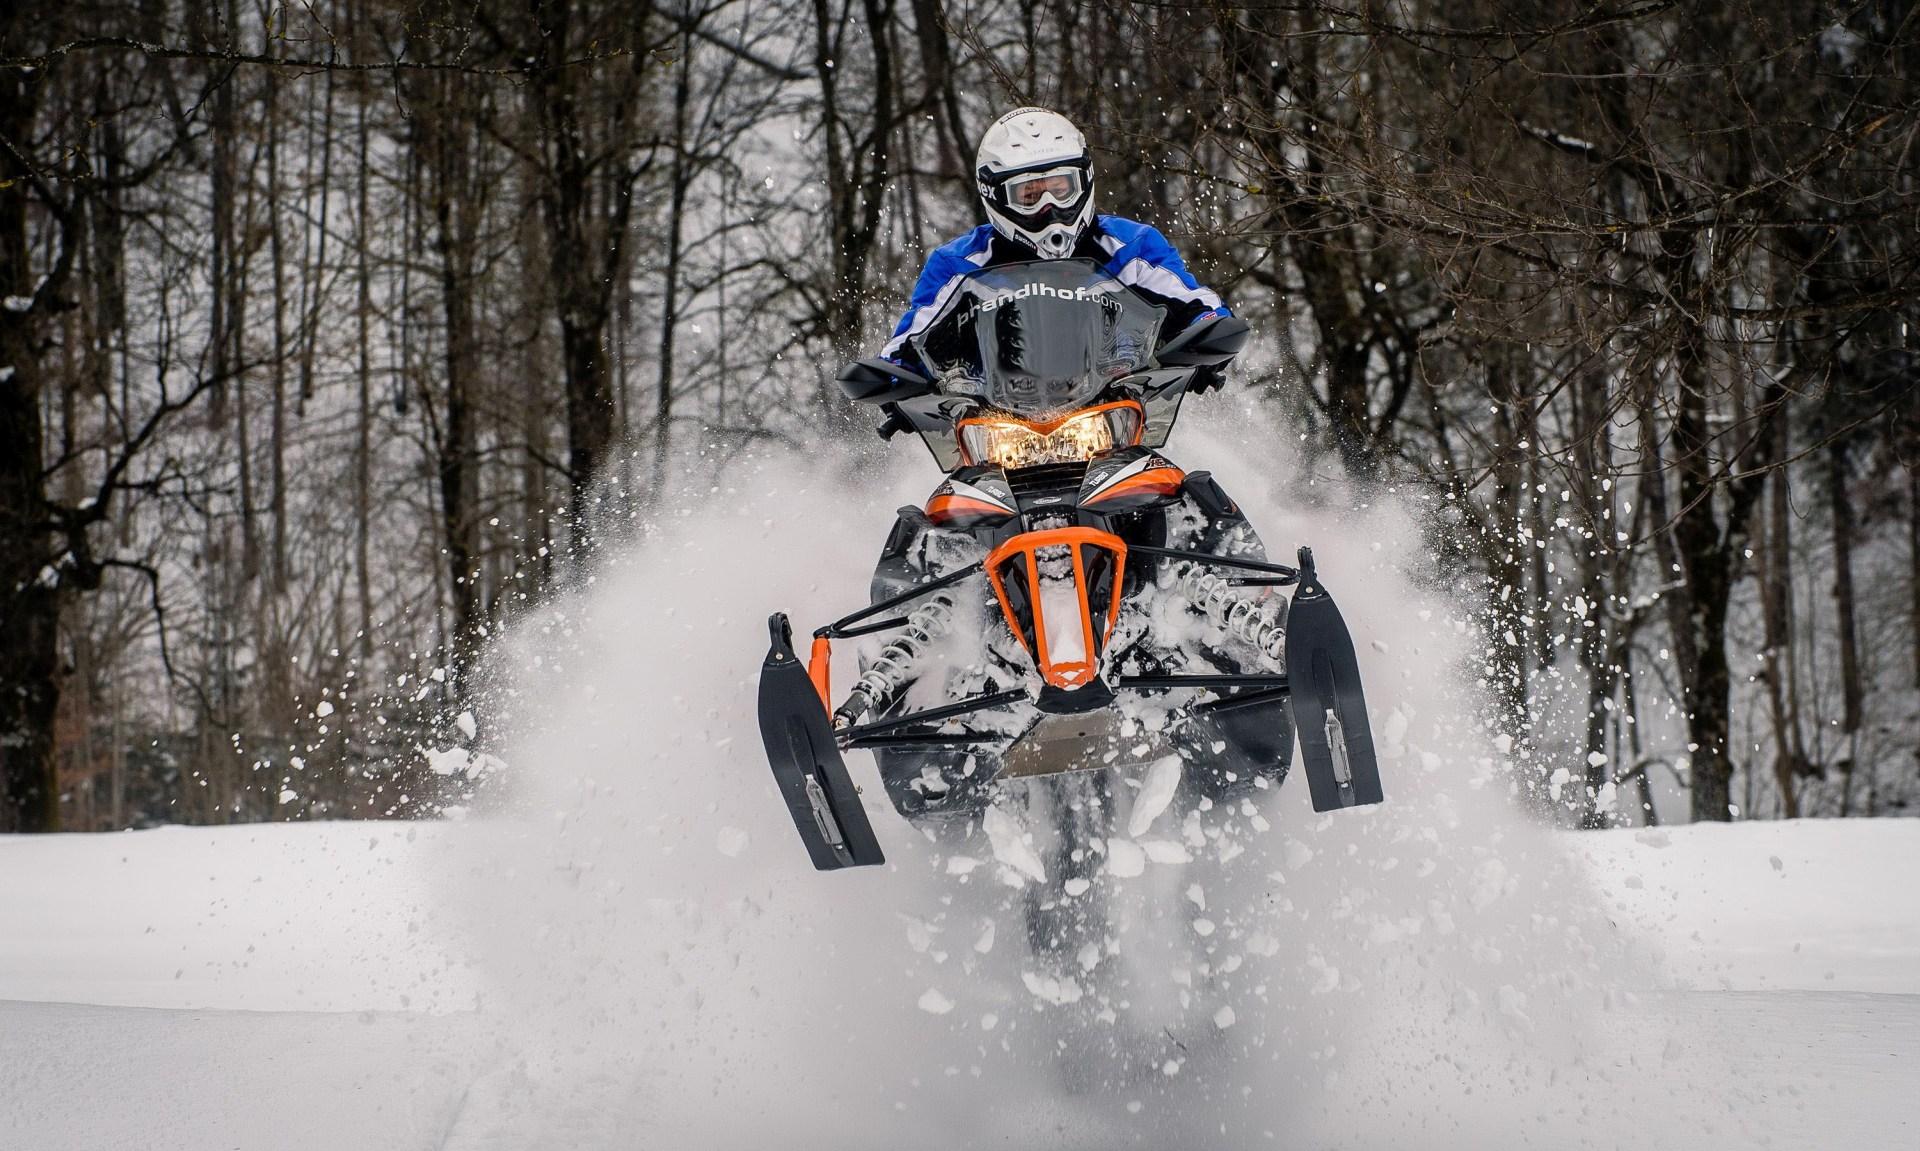 Skicirkus und Events in Saalfelden-Leogang – Die Region im Bundesland Salzburg ist noch mehr als das größte Skigebiet in Österreich